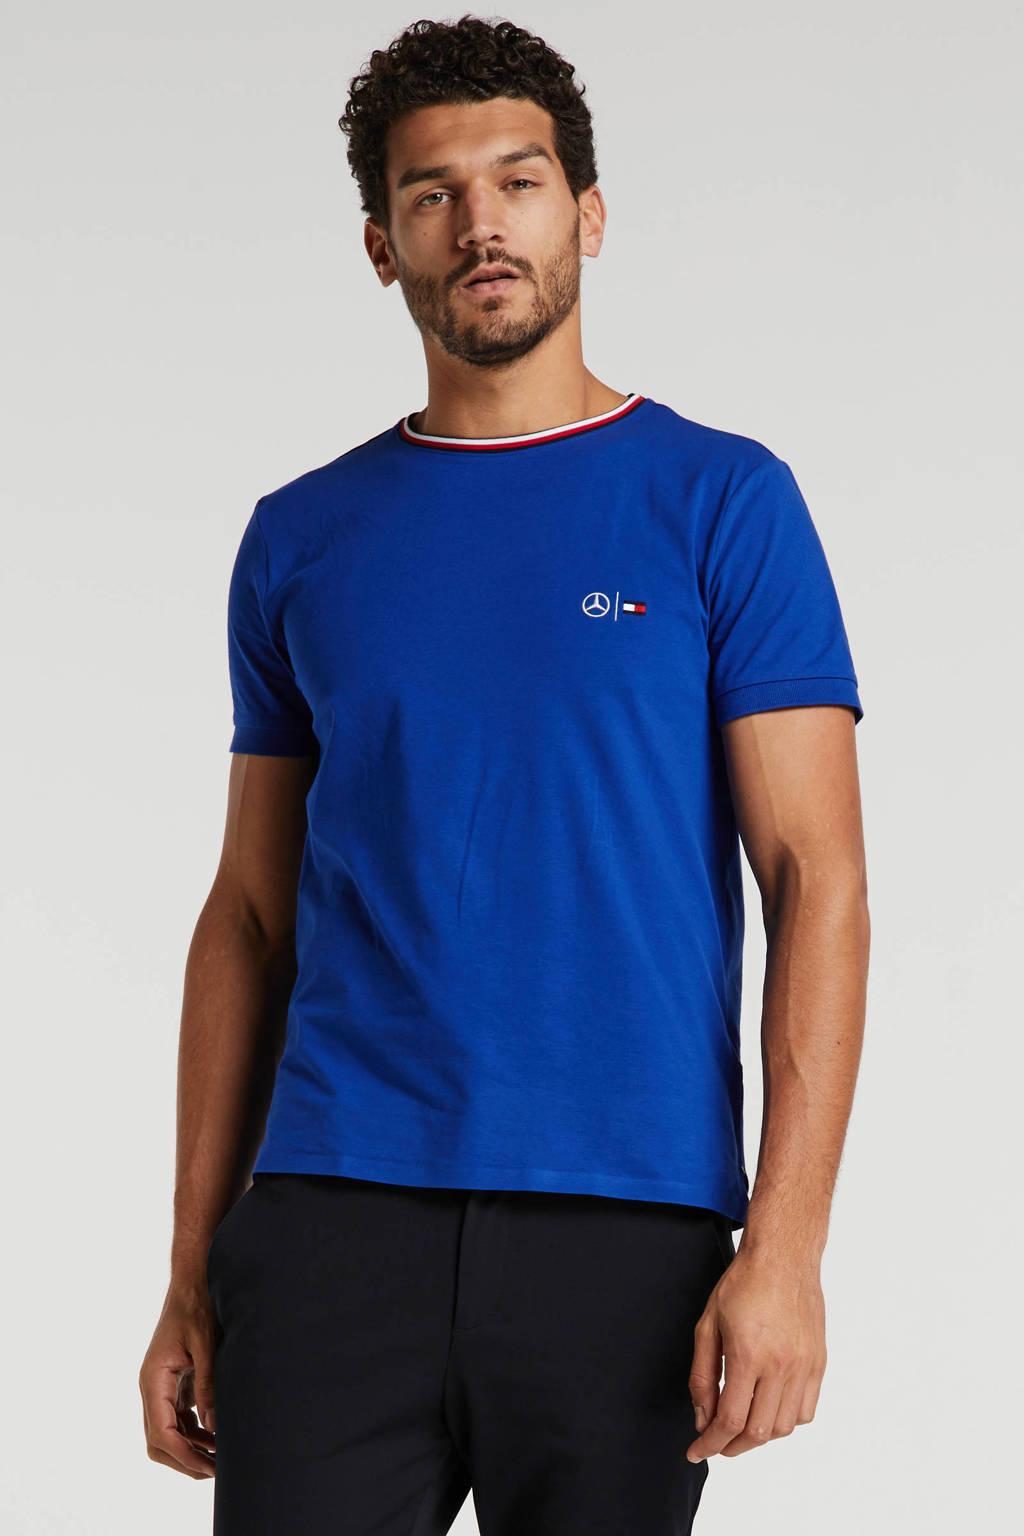 Tommy Hilfiger Tailored T-shirt met logo blauw, Blauw